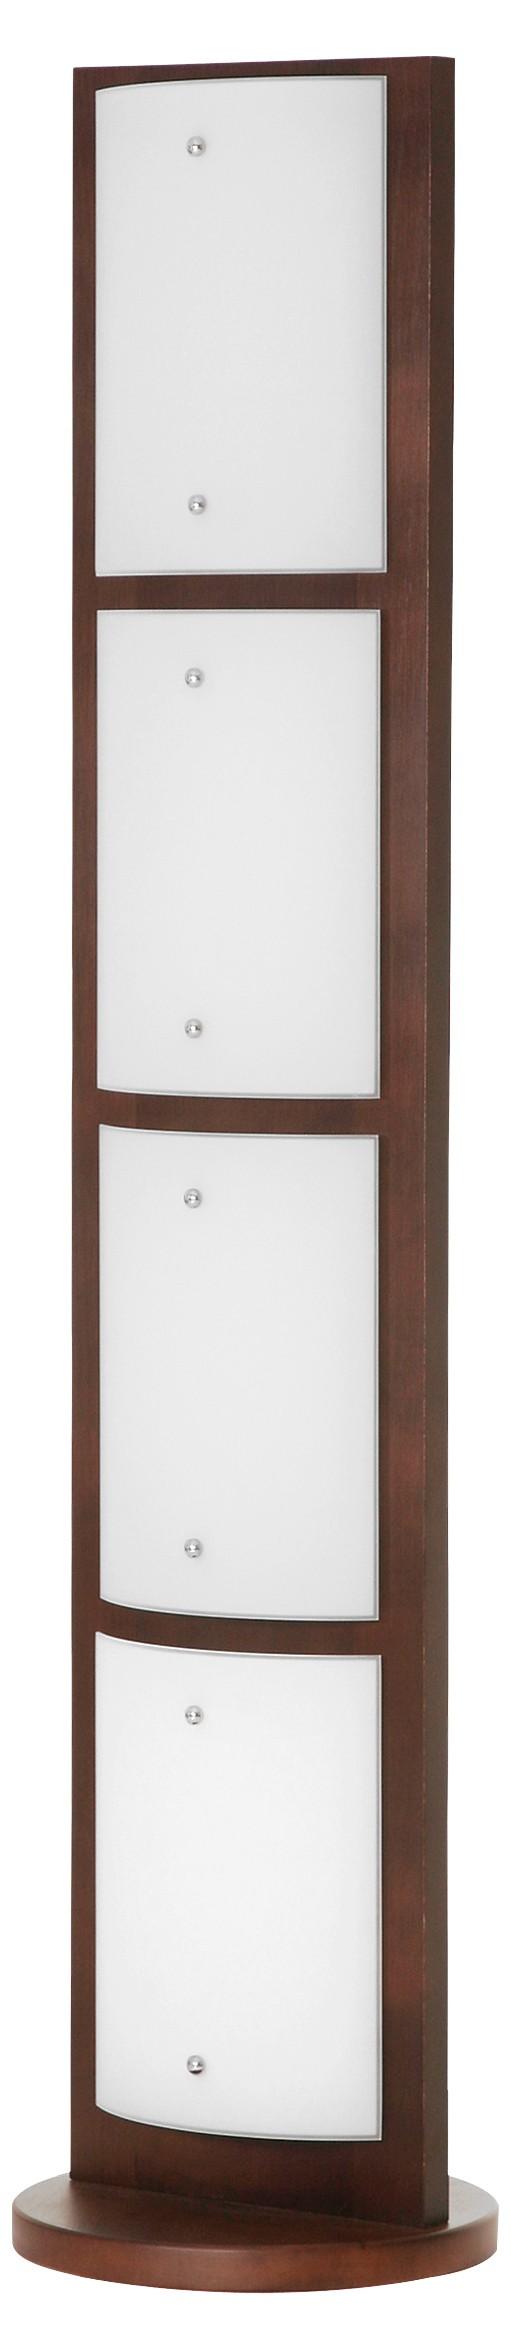 Moderní stojanová lampa 2456 Quadro Wenge